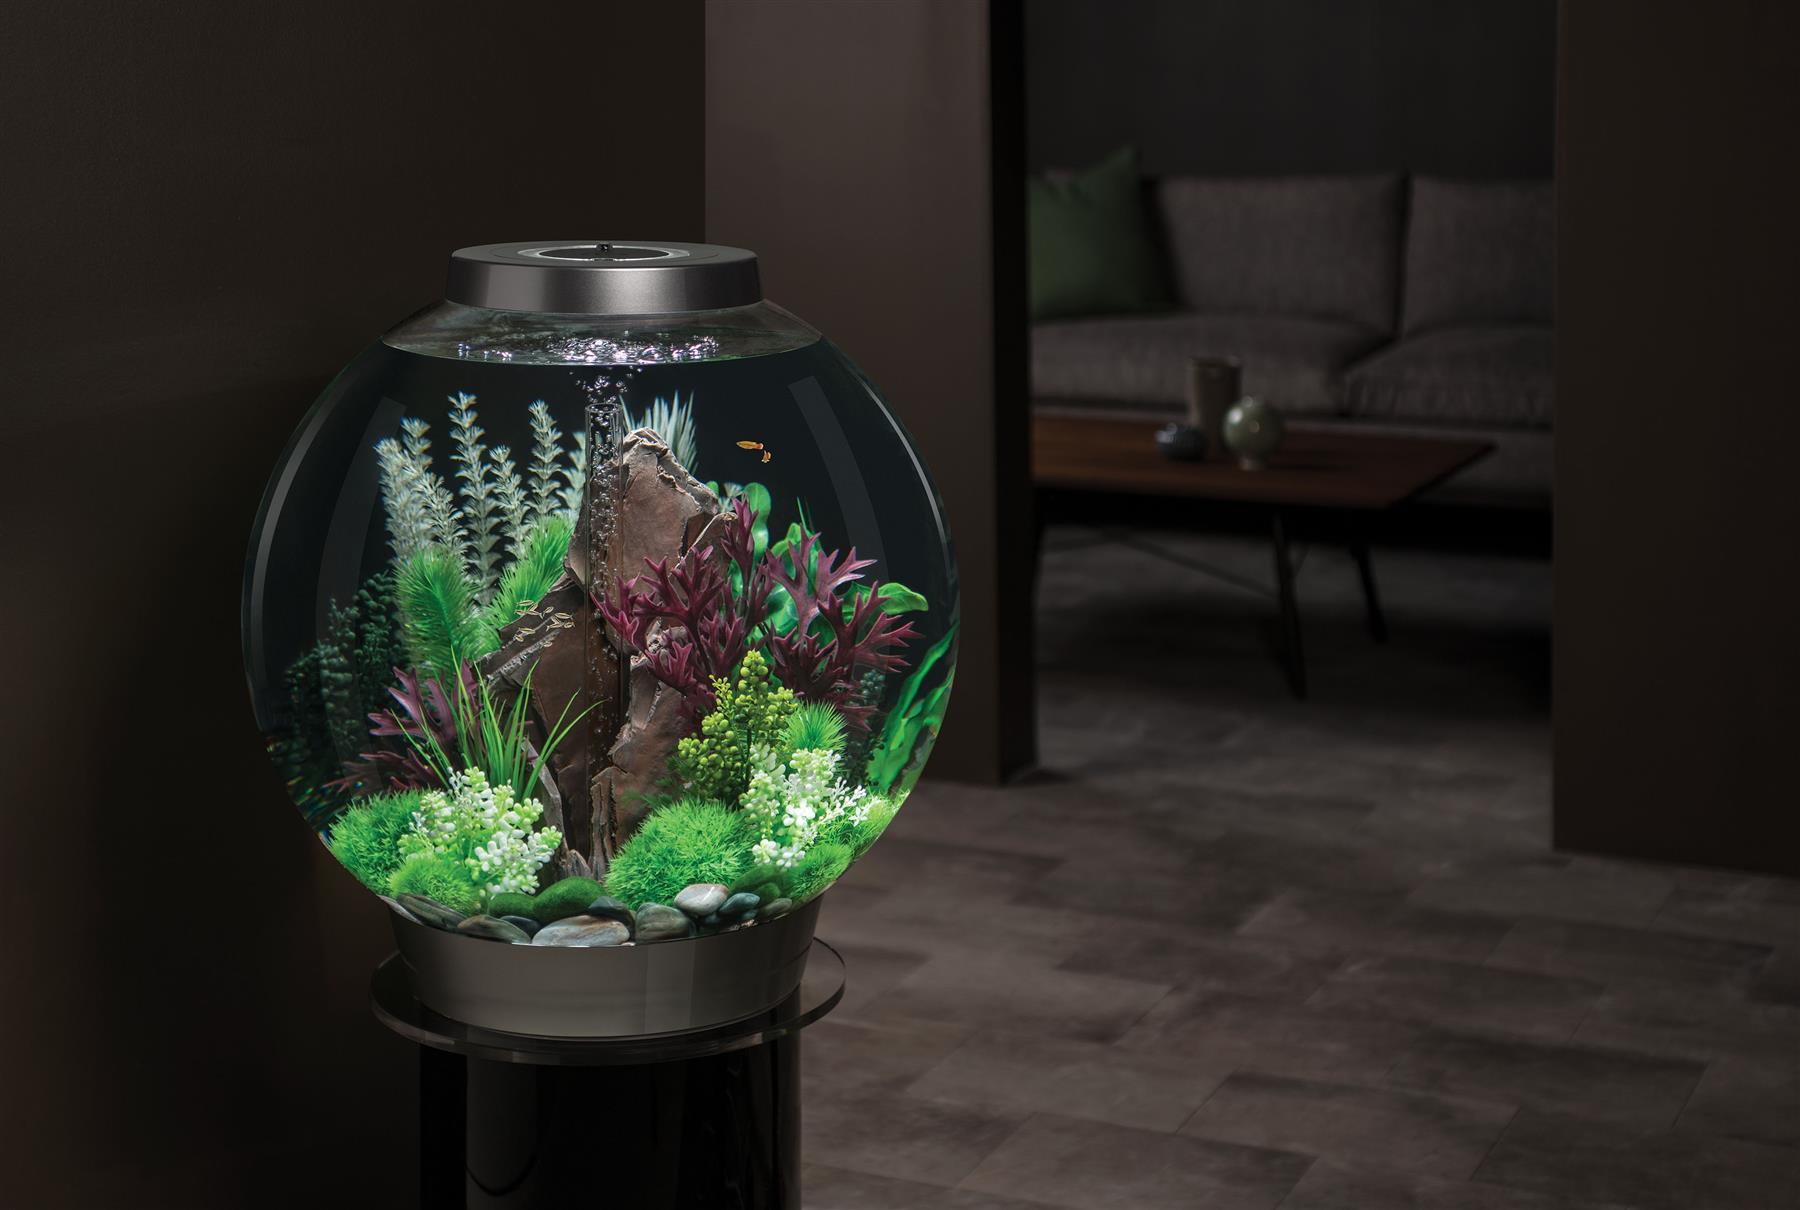 thumbnail 19 - BIORB CLASSIC AQUARIUM ACRYLIC FISH TANK COMPLETE SETUP LED LIGHTING FILTER UNIT